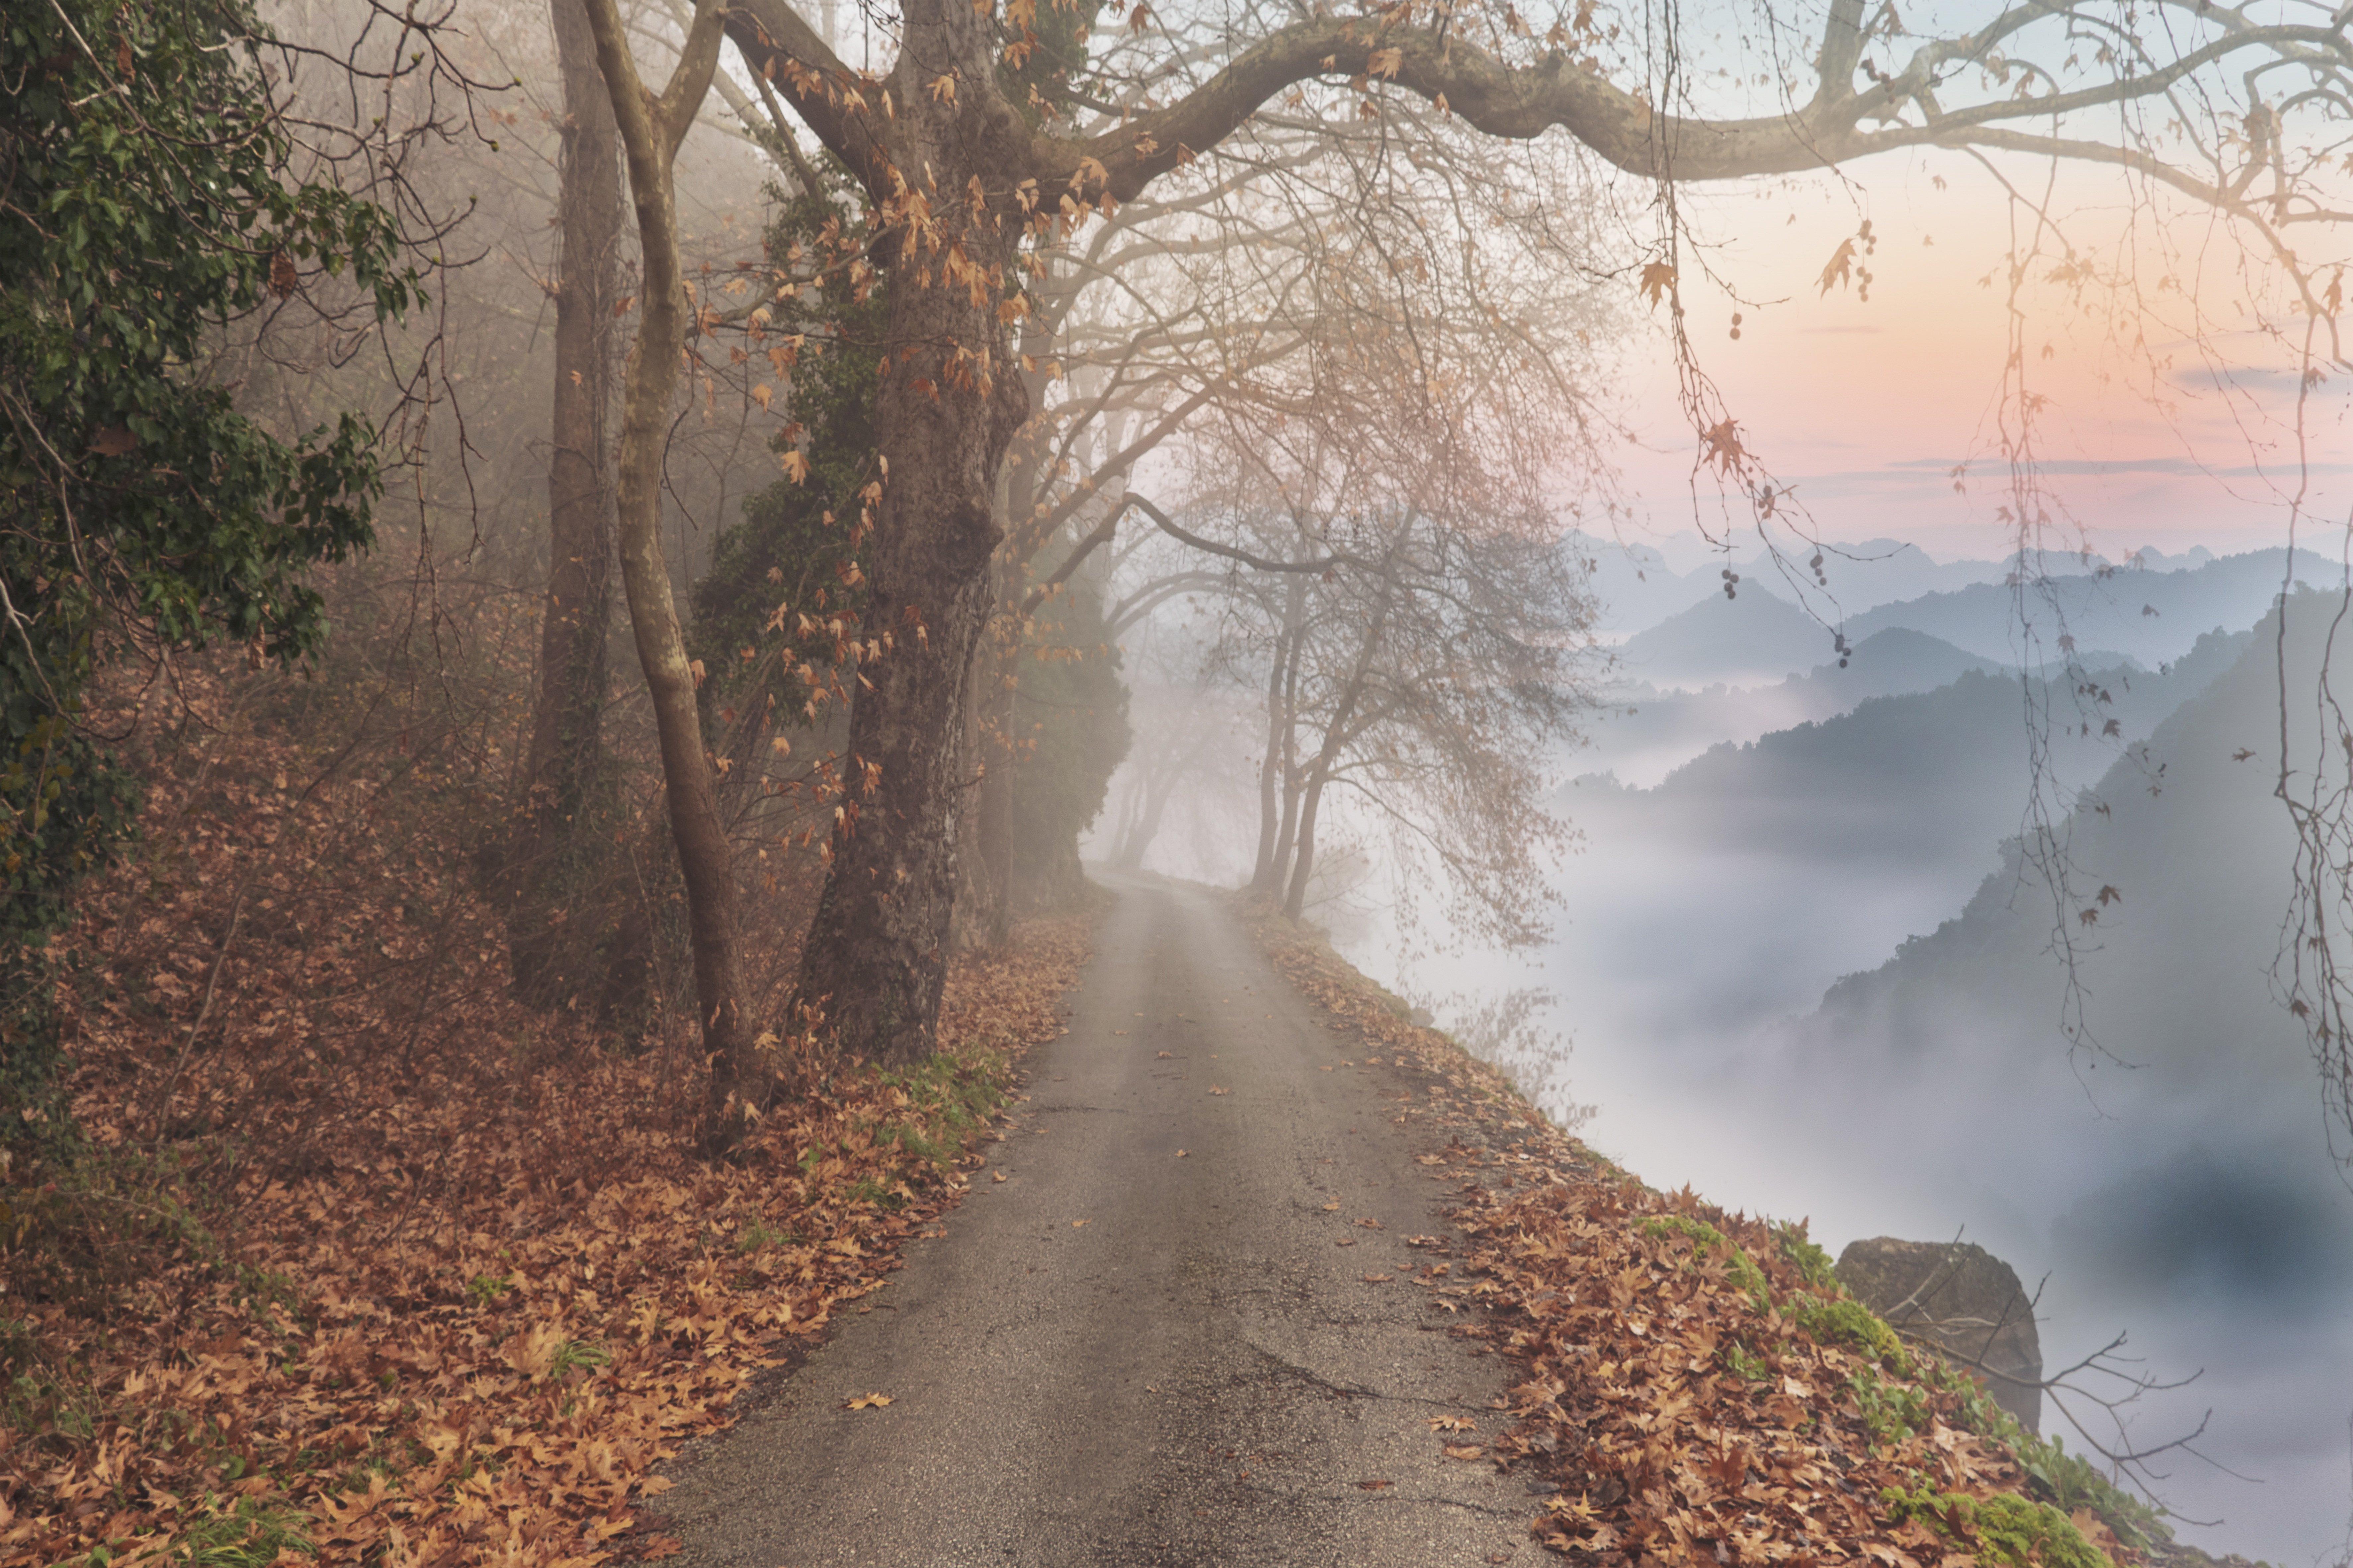 该图片由enriquelopezgarre在Pixabay上发布